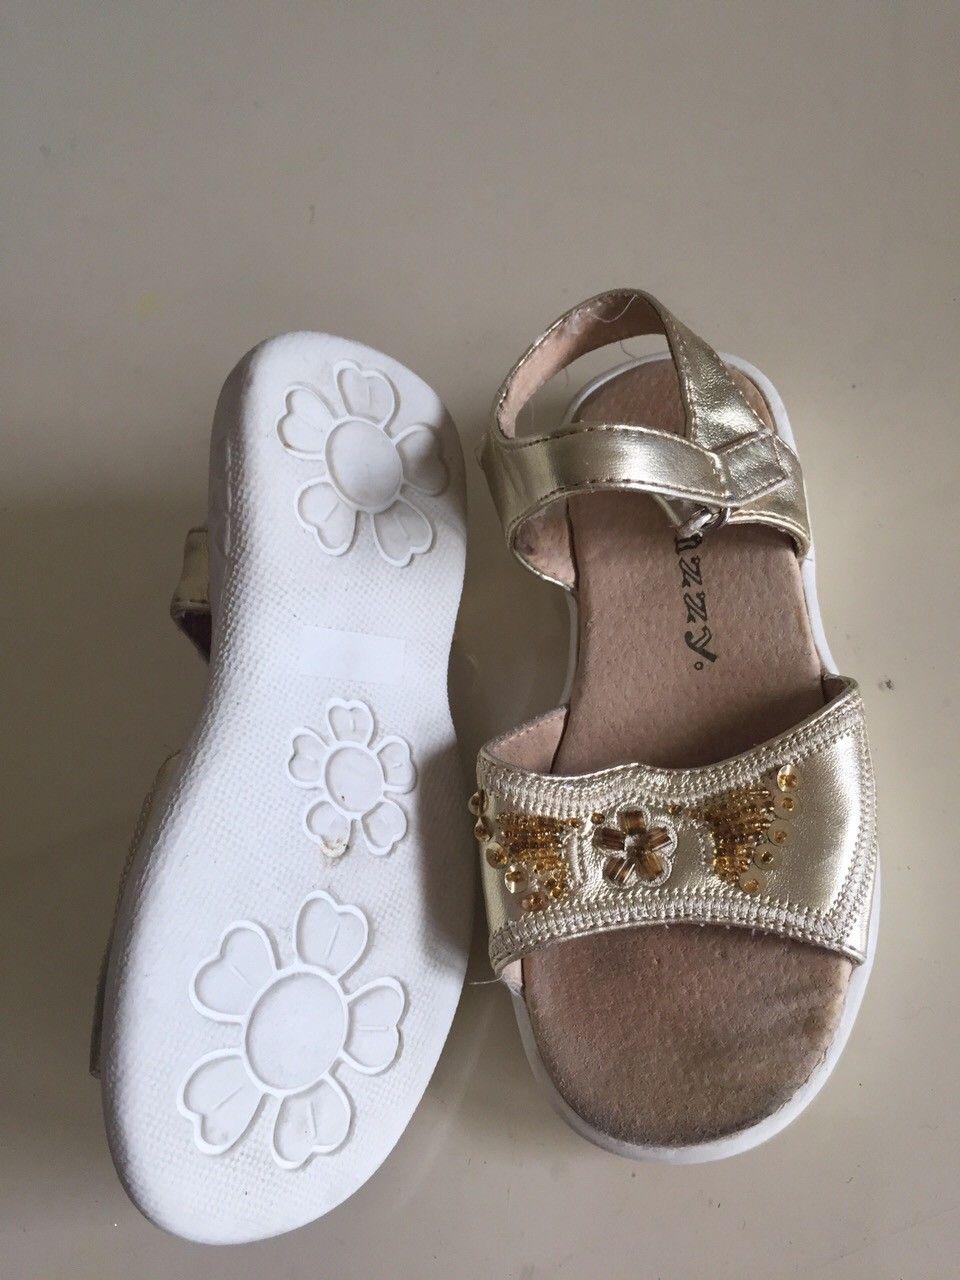 Jente skinn sandaler - Oslo  - Nesten uburukt( 26) skinn jente sandaler 200kr. - Oslo